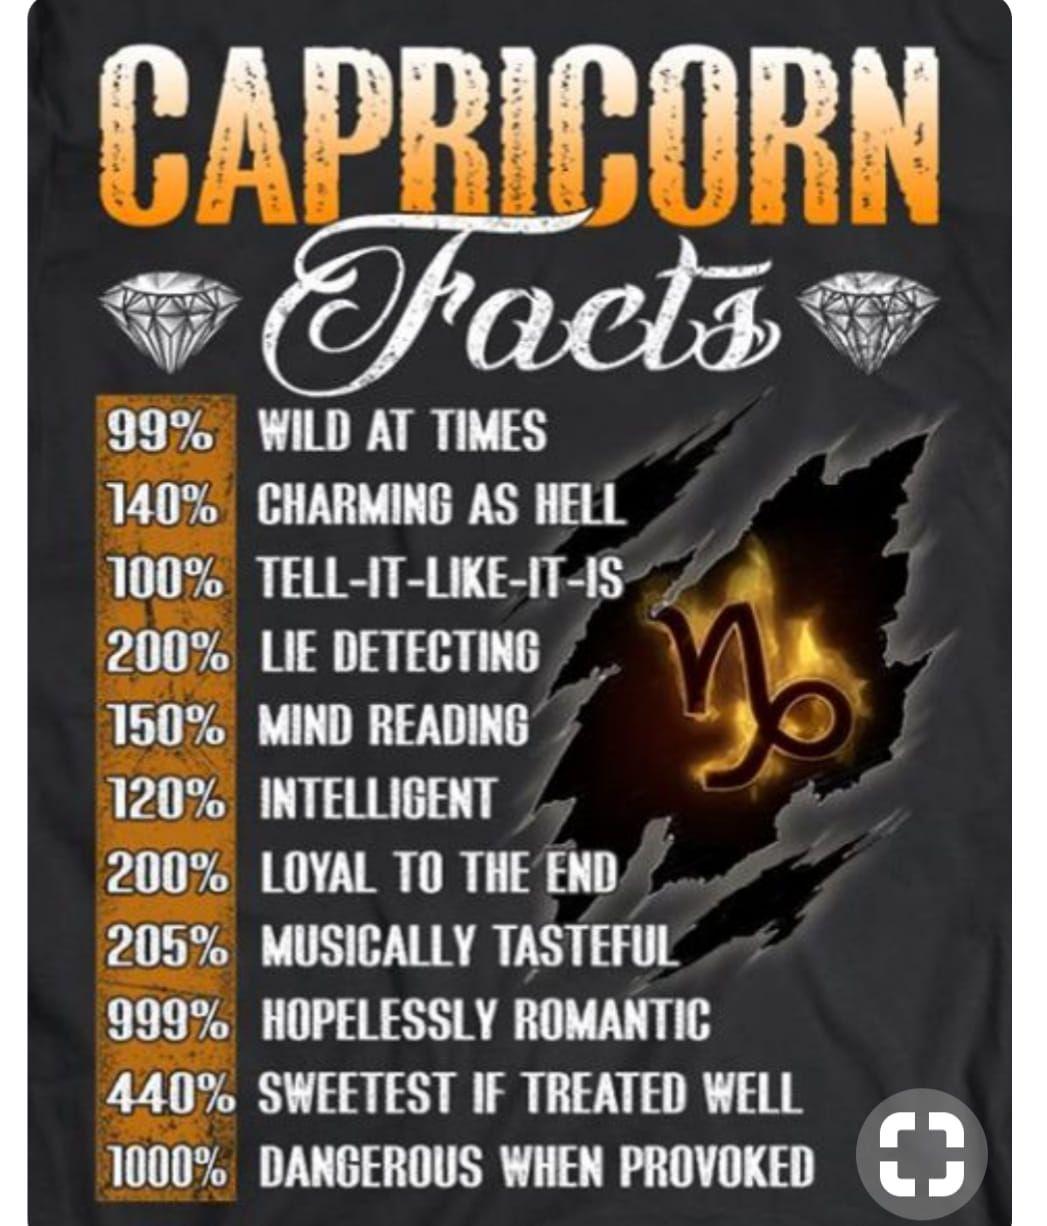 Pin By Eos Antigen On Sagittarius Capricorn Capricorn Sign Capricorn Life Horoscope Capricorn